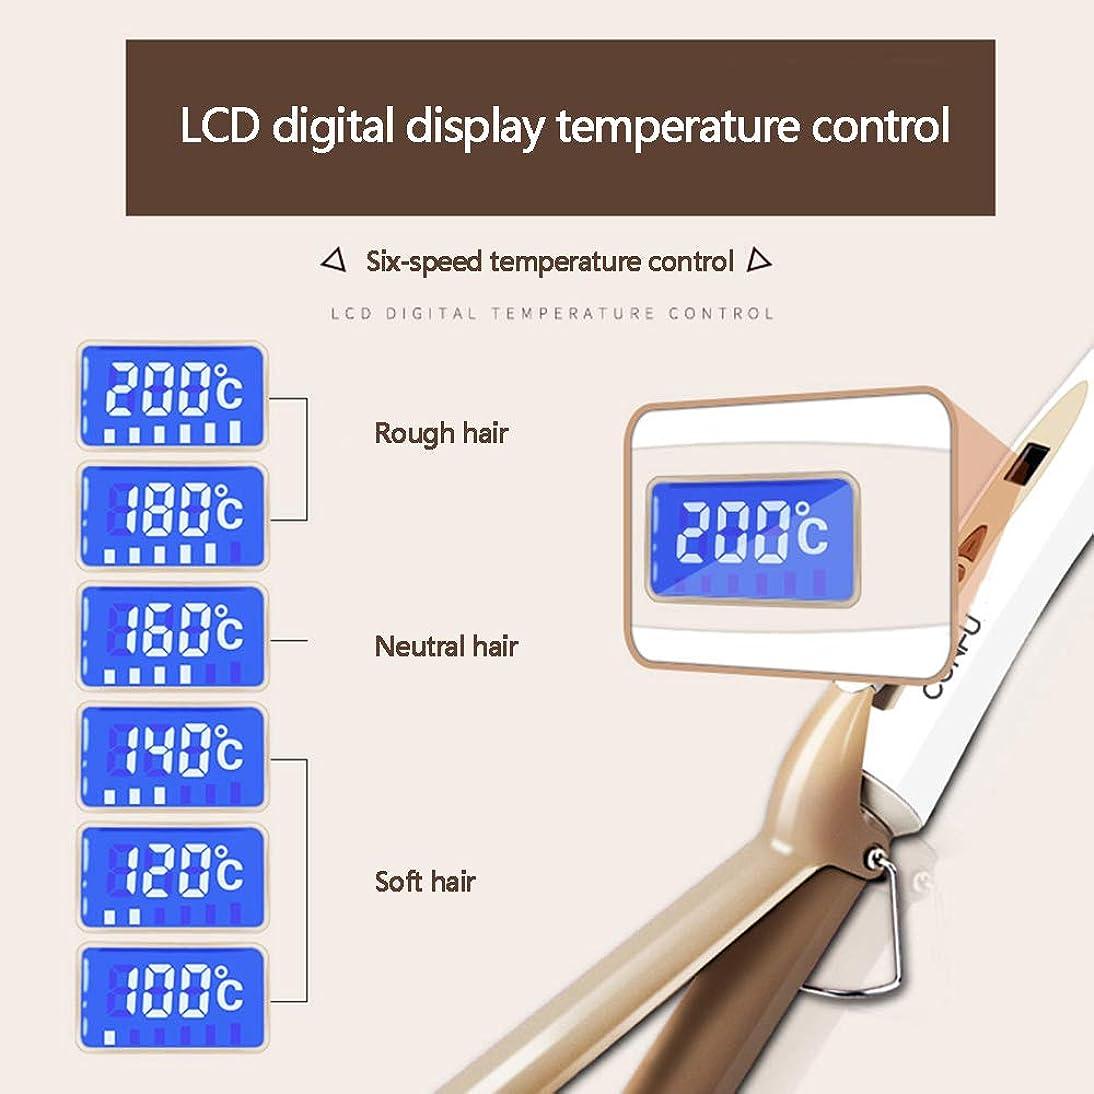 必要条件サイレン倒産巻き毛スティックセラミックスヘアカーラーインナーバックルモデリングスタイリングツール&電化製品、エアバンズ巻き毛スティック、28mm